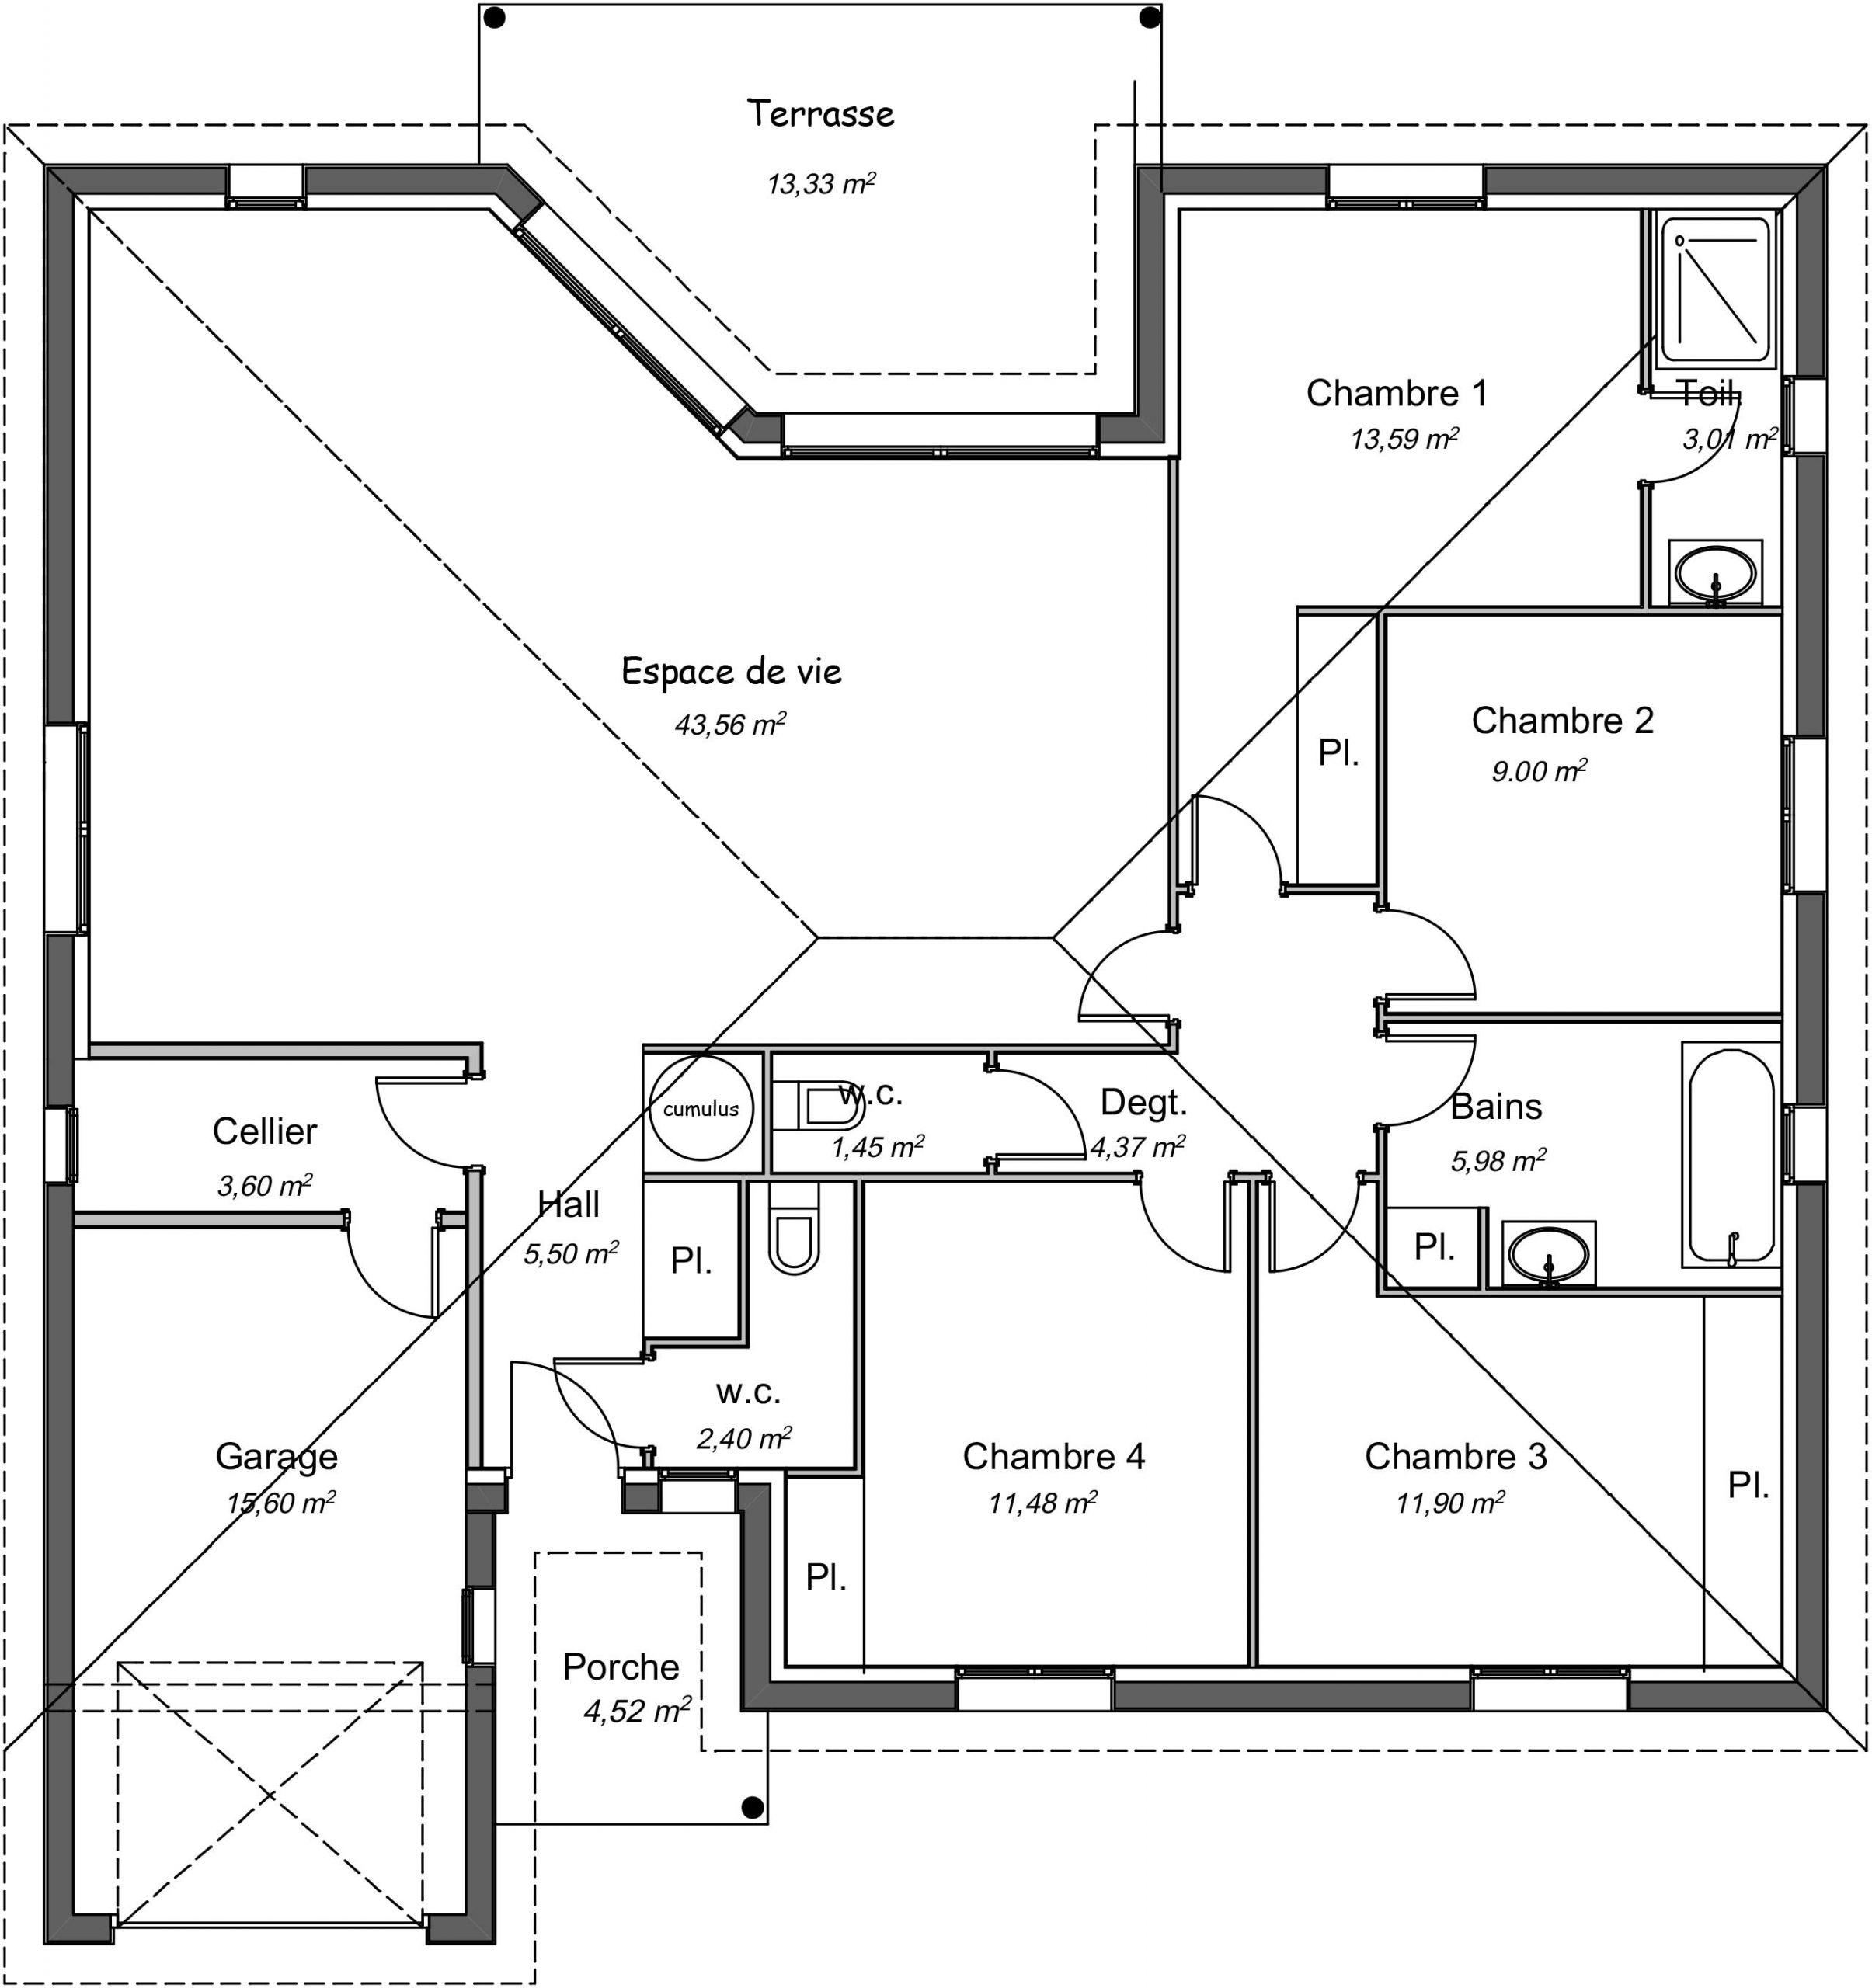 Maison Contemporaine Plain Pied Orme Avec Plans Demeures D Occitanie Constructeur Maison Individuelle Occitanie Region Sud